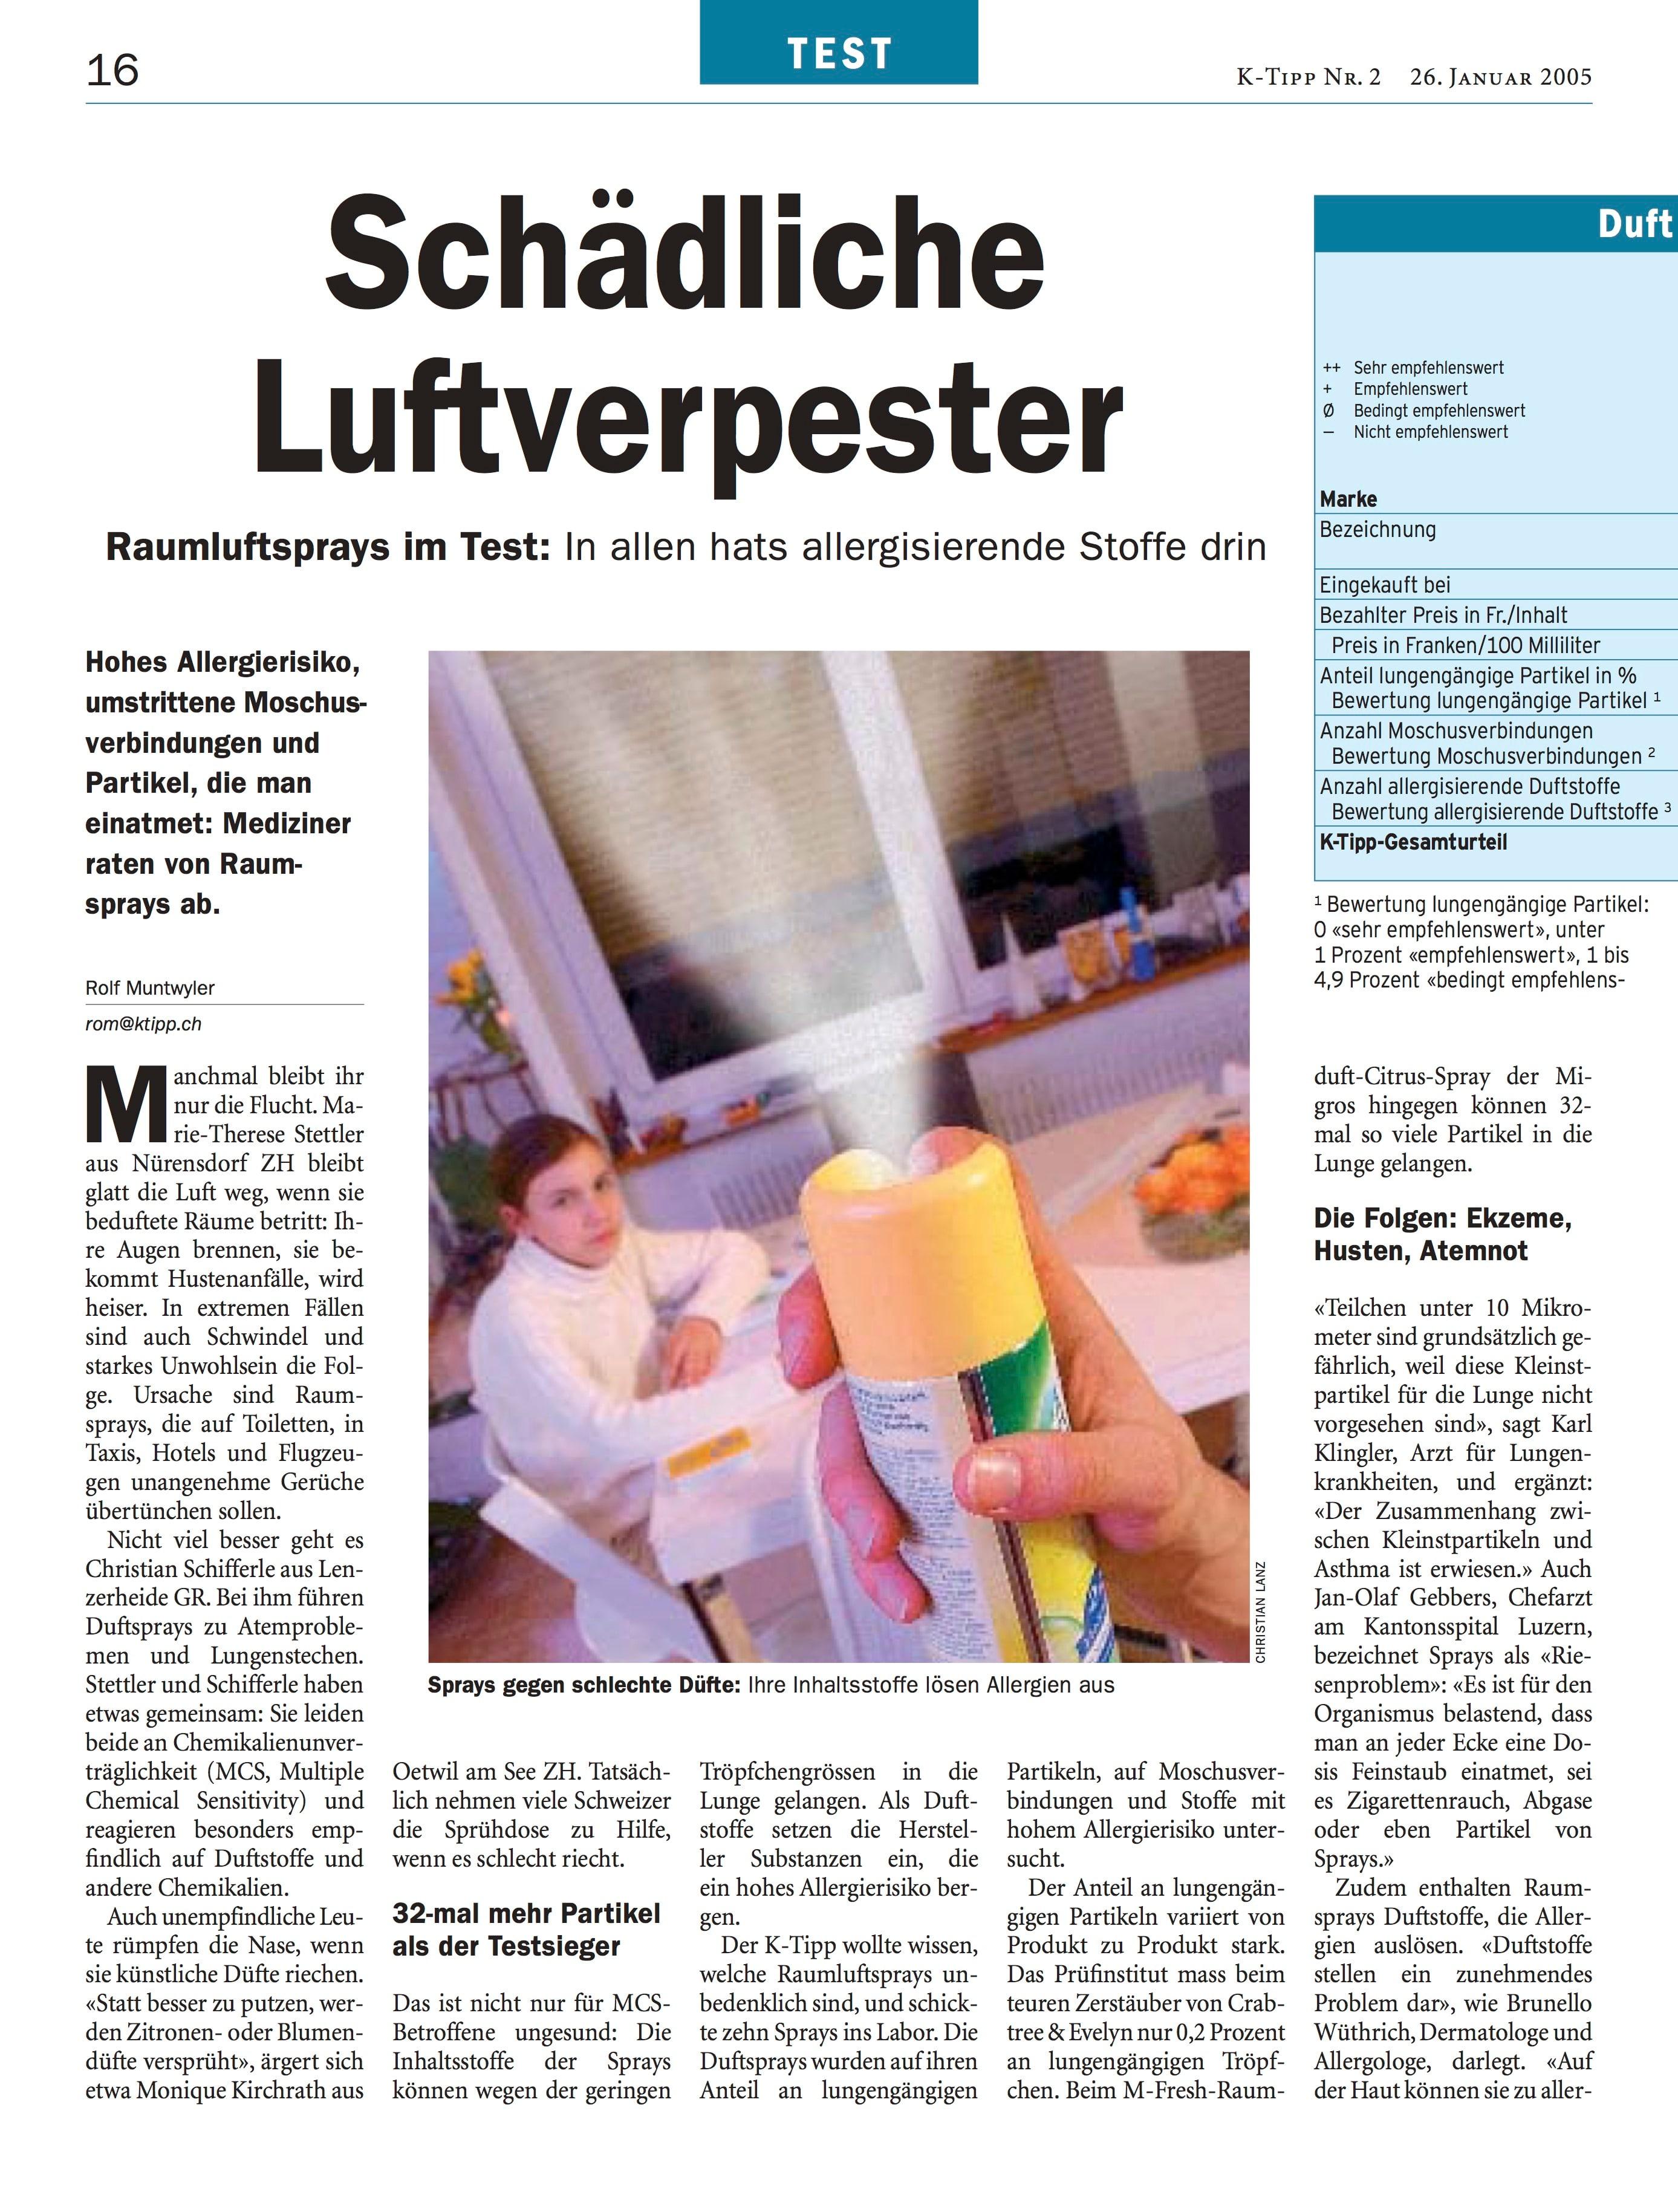 Schädliche_Luftverpester1.jepg.jpg